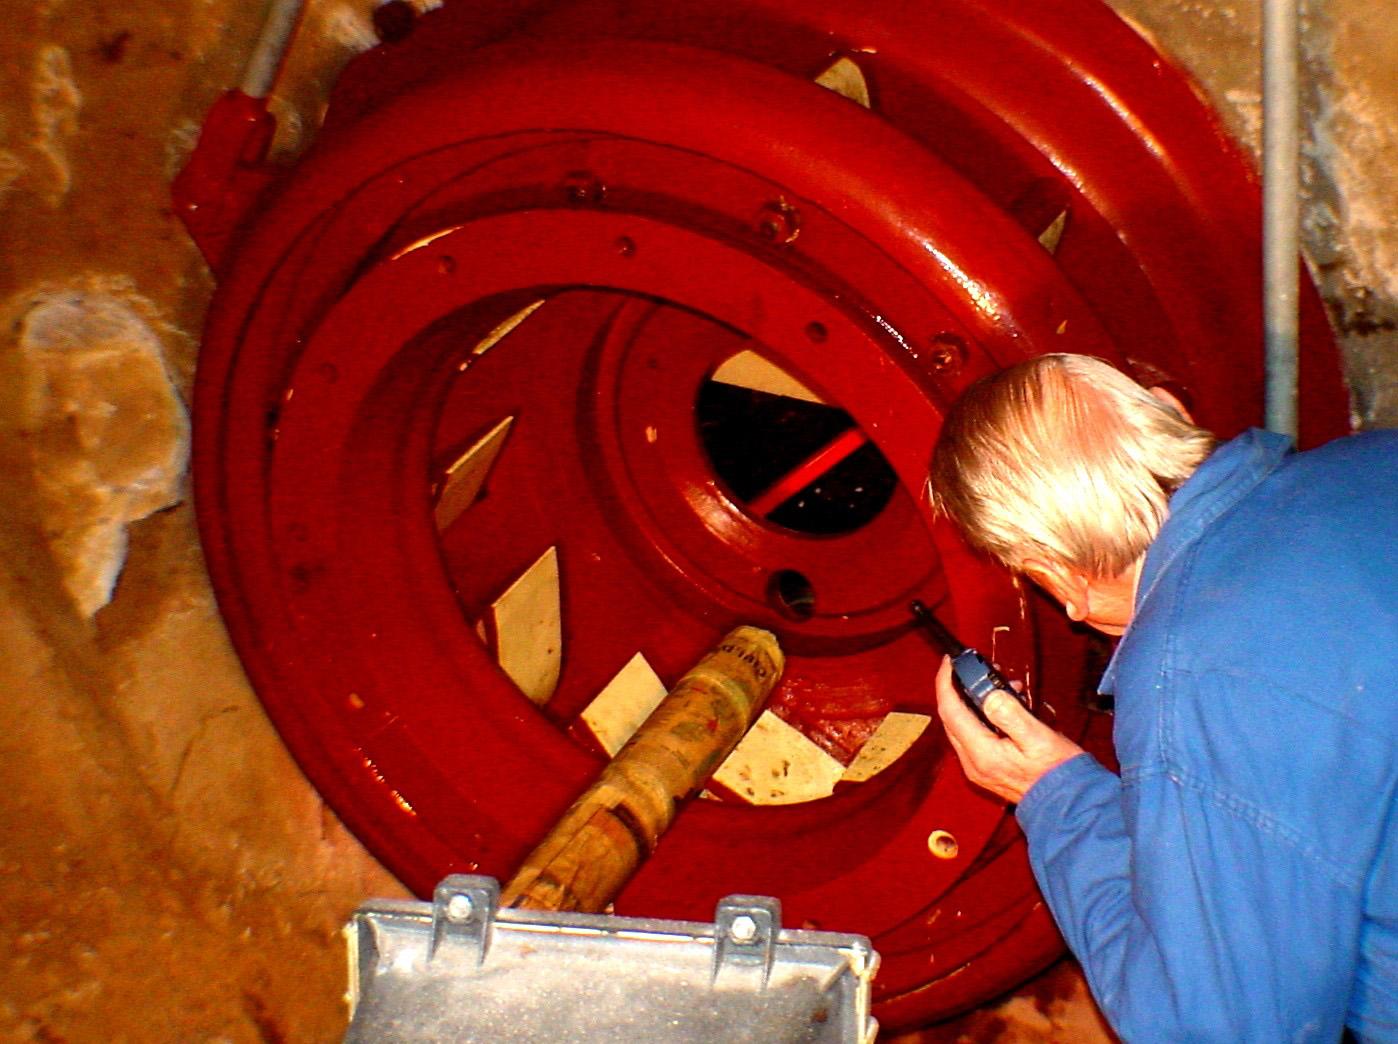 Restauration et mise en valeur de l'usine hydroélectrique du Moulin de David (Divonne-les-Bains, Ain)